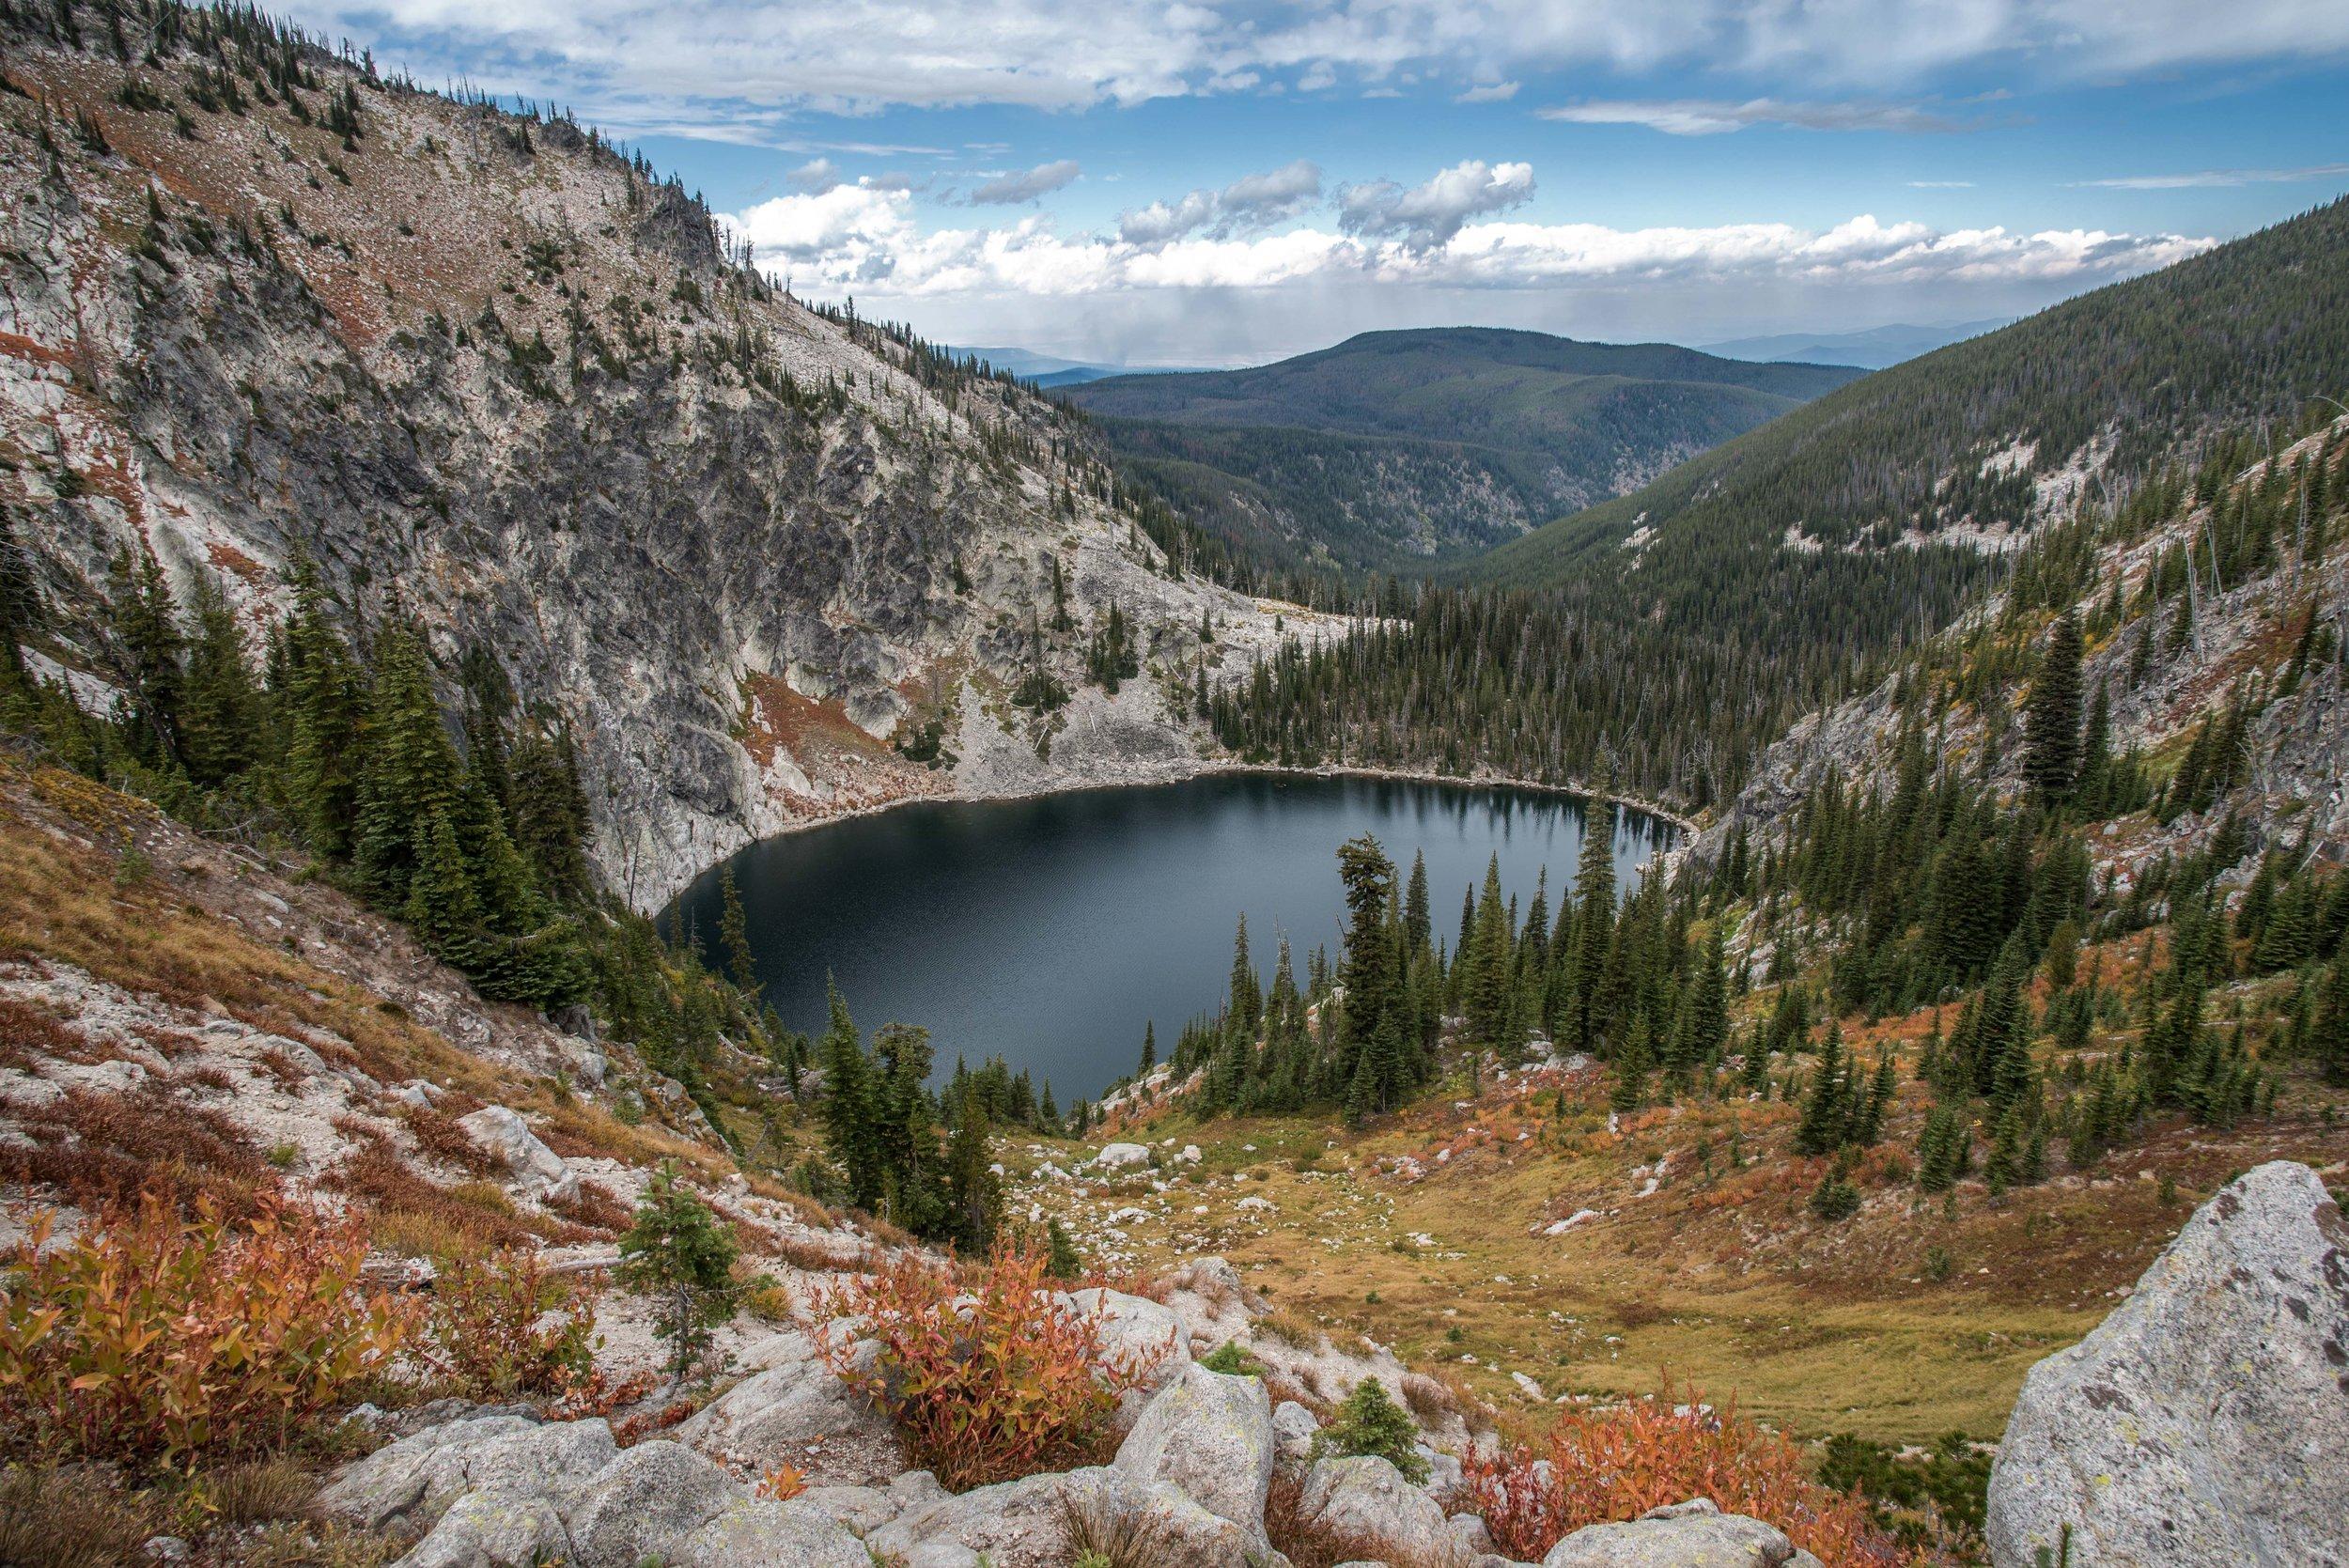 Gospel Lake